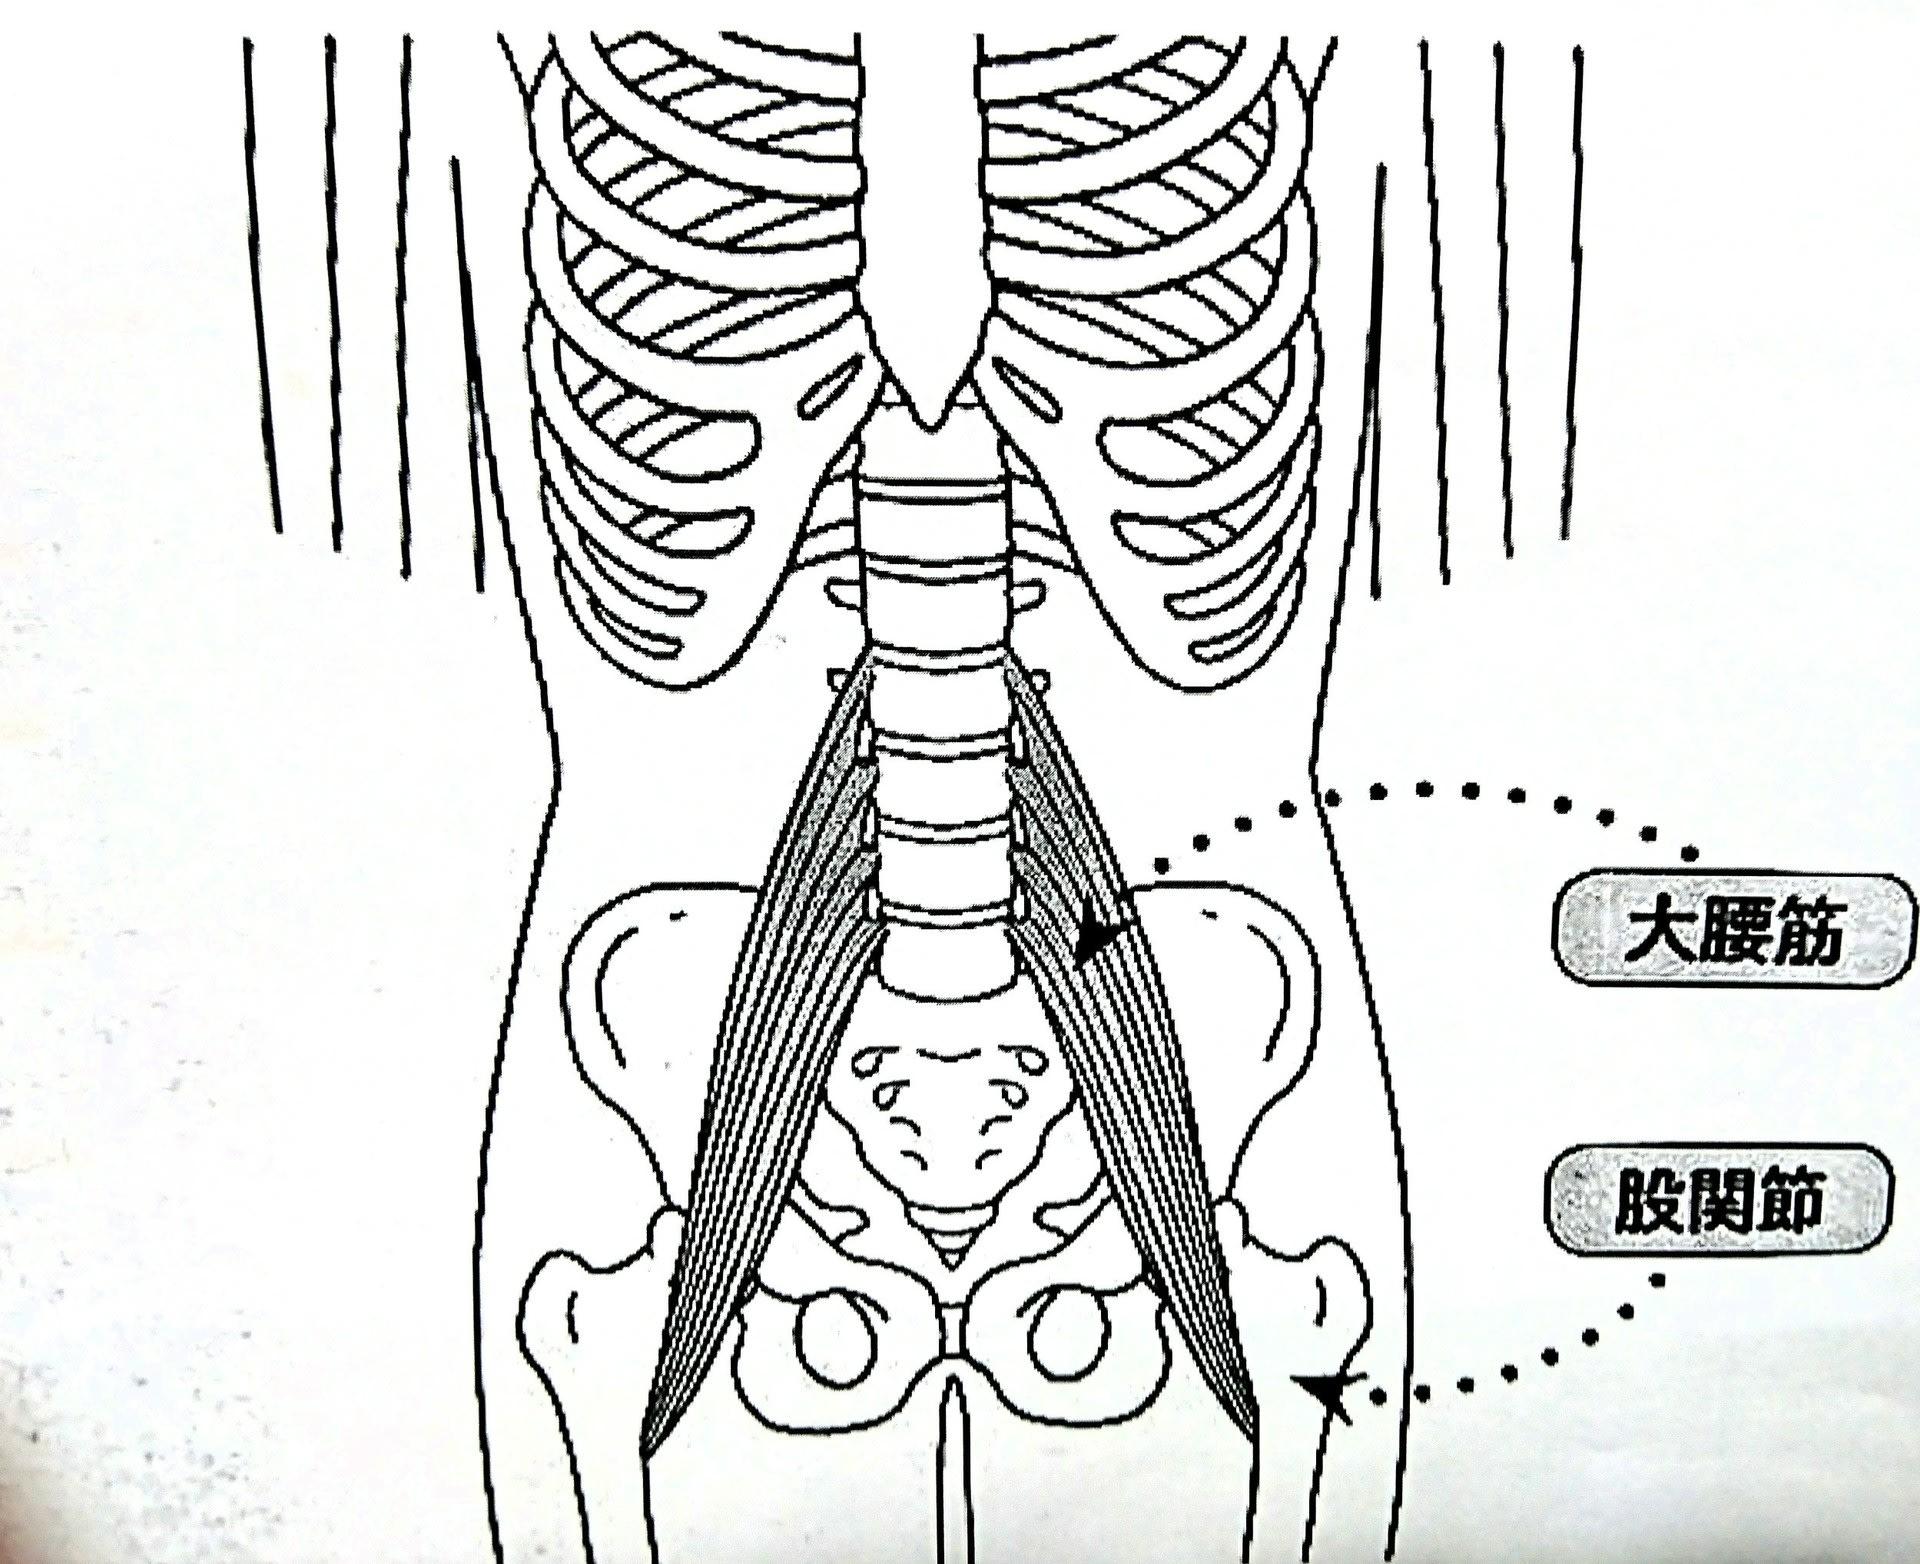 と 肋骨 痛い 押す